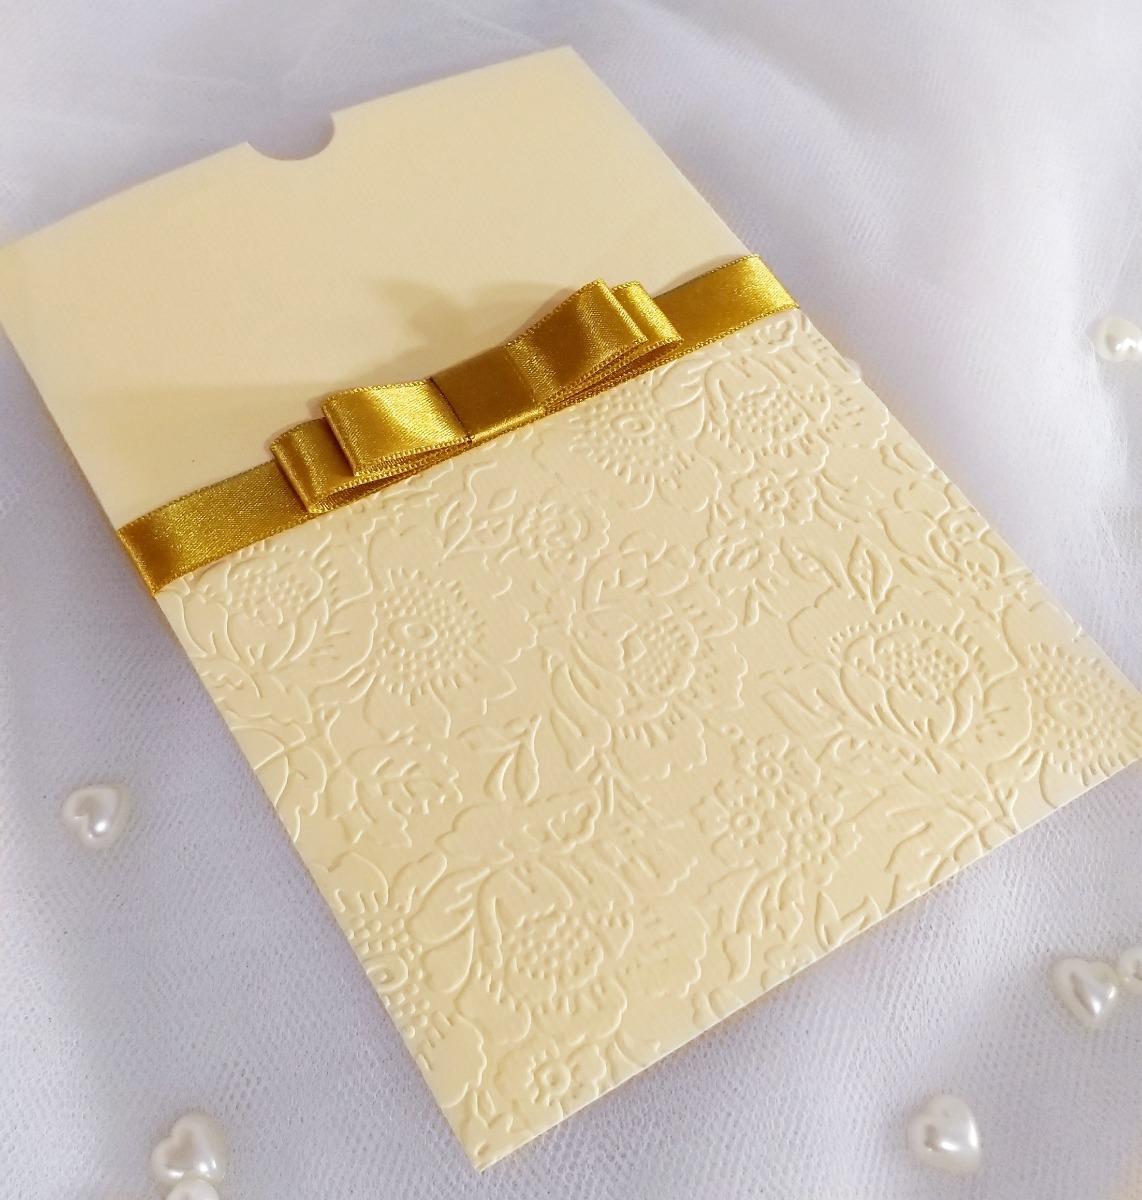 aeb6828edea envelope luva casamento festa relevo seco e laço chanel. Carregando zoom.